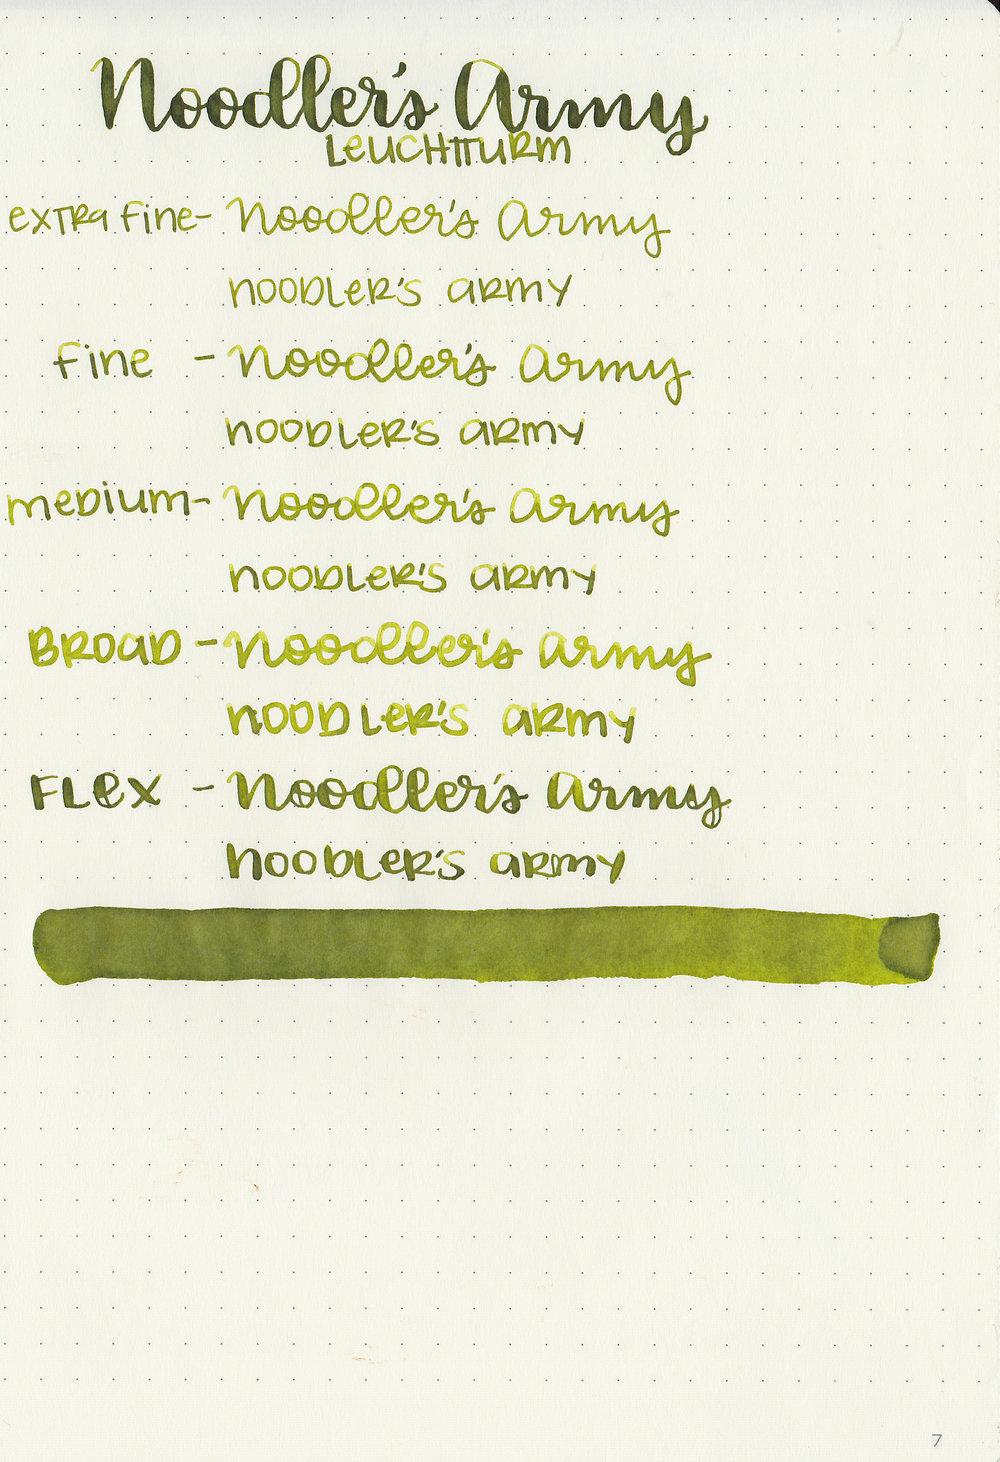 nood-army-8.jpg